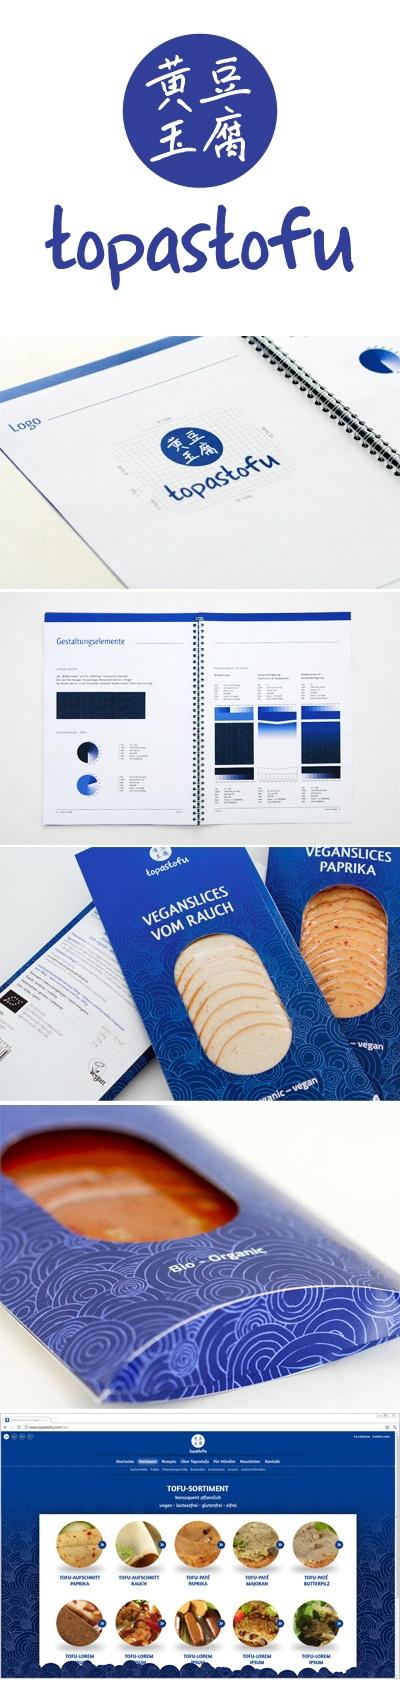 #logo #branding #packaging #screendesign for topastofu - a brand for vegan food